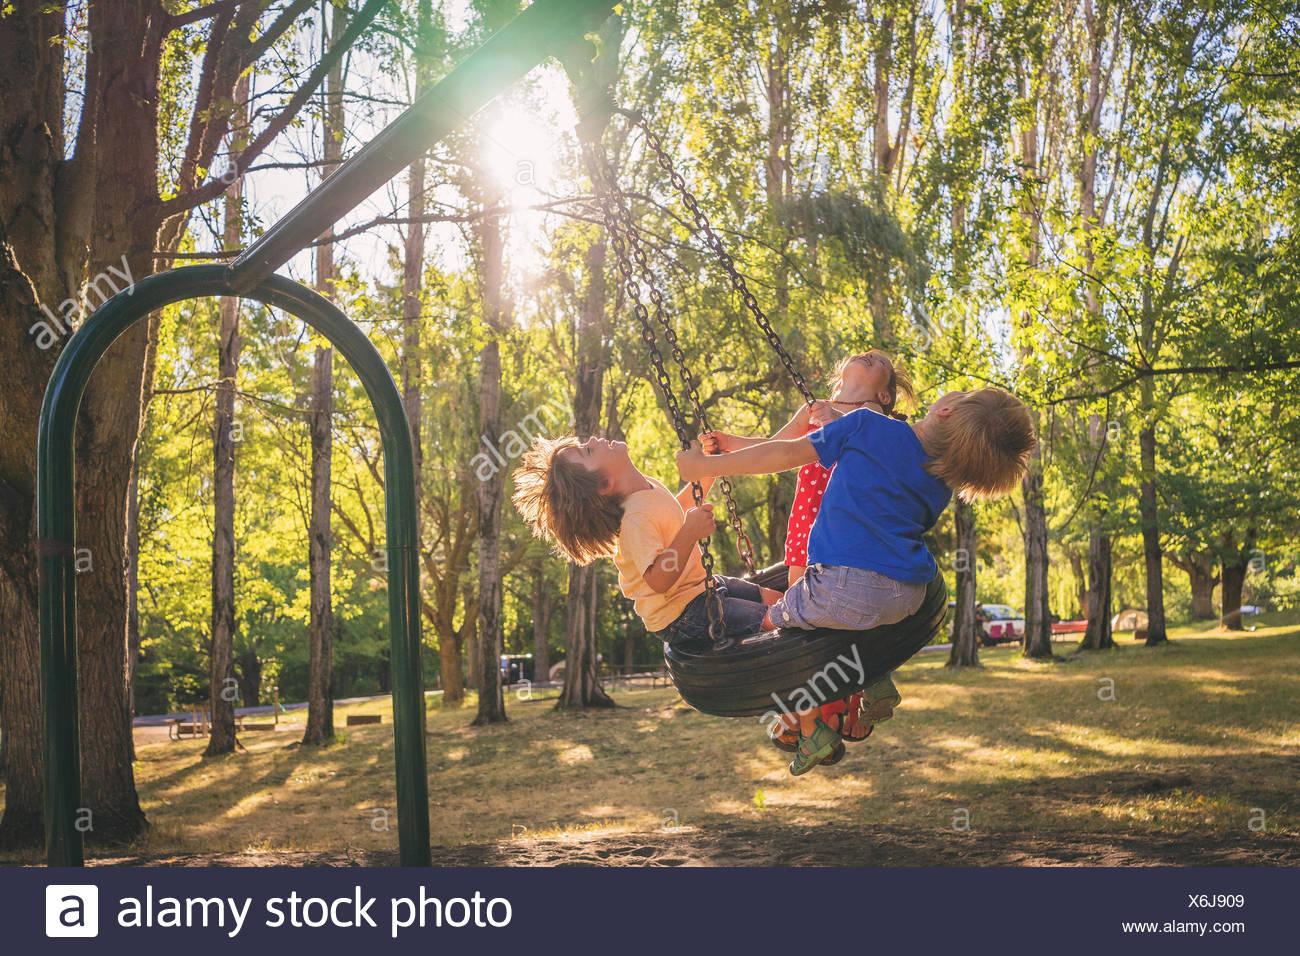 Trois enfants jouant sur une balançoire Photo Stock